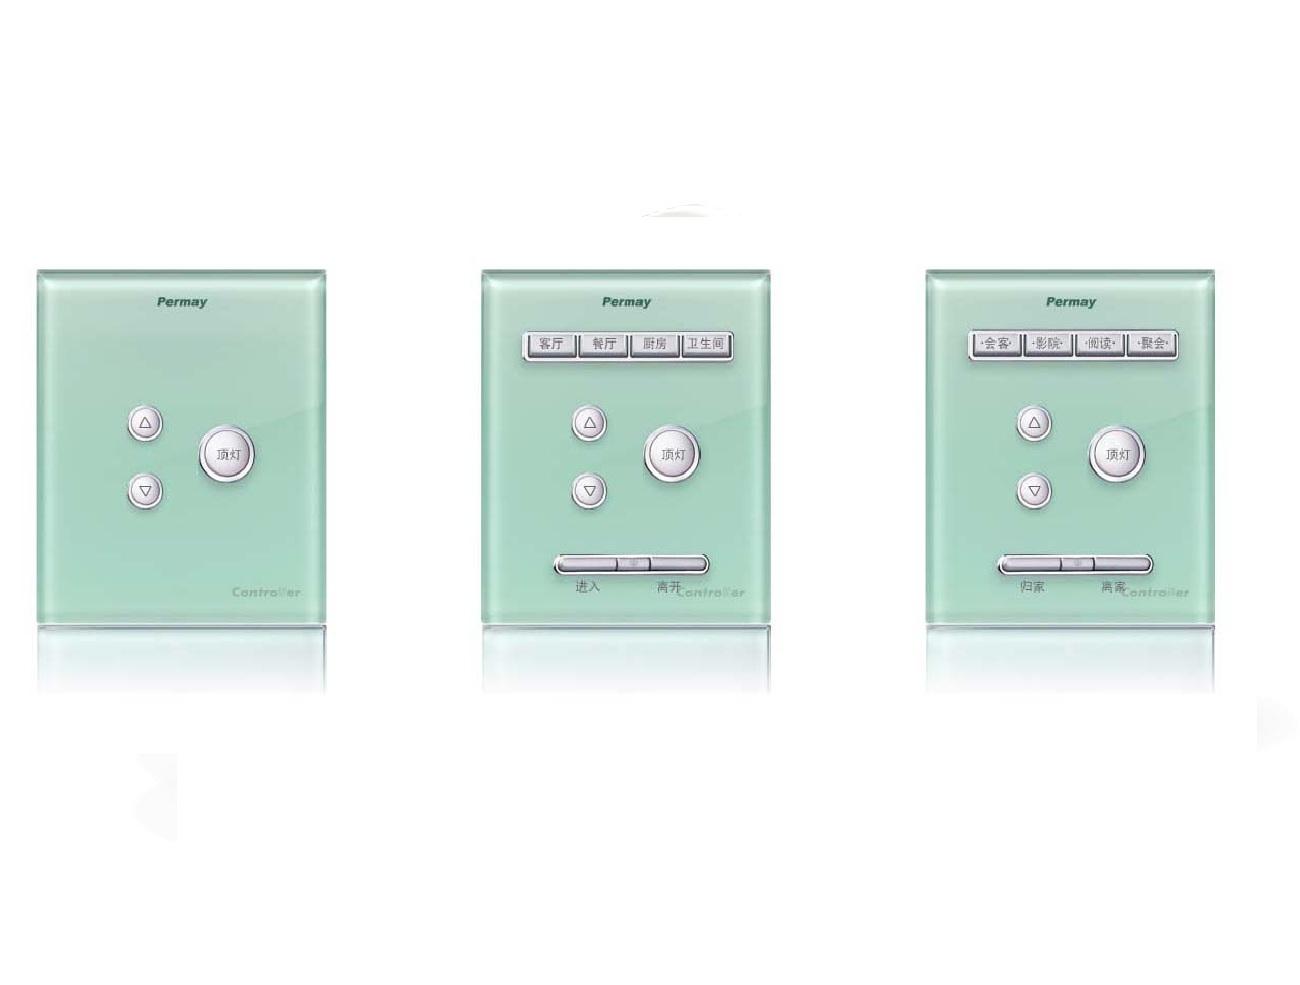 Công tác thông minh điều khiển ánh sáng kiểu Dimmer -  PM-PLISB005